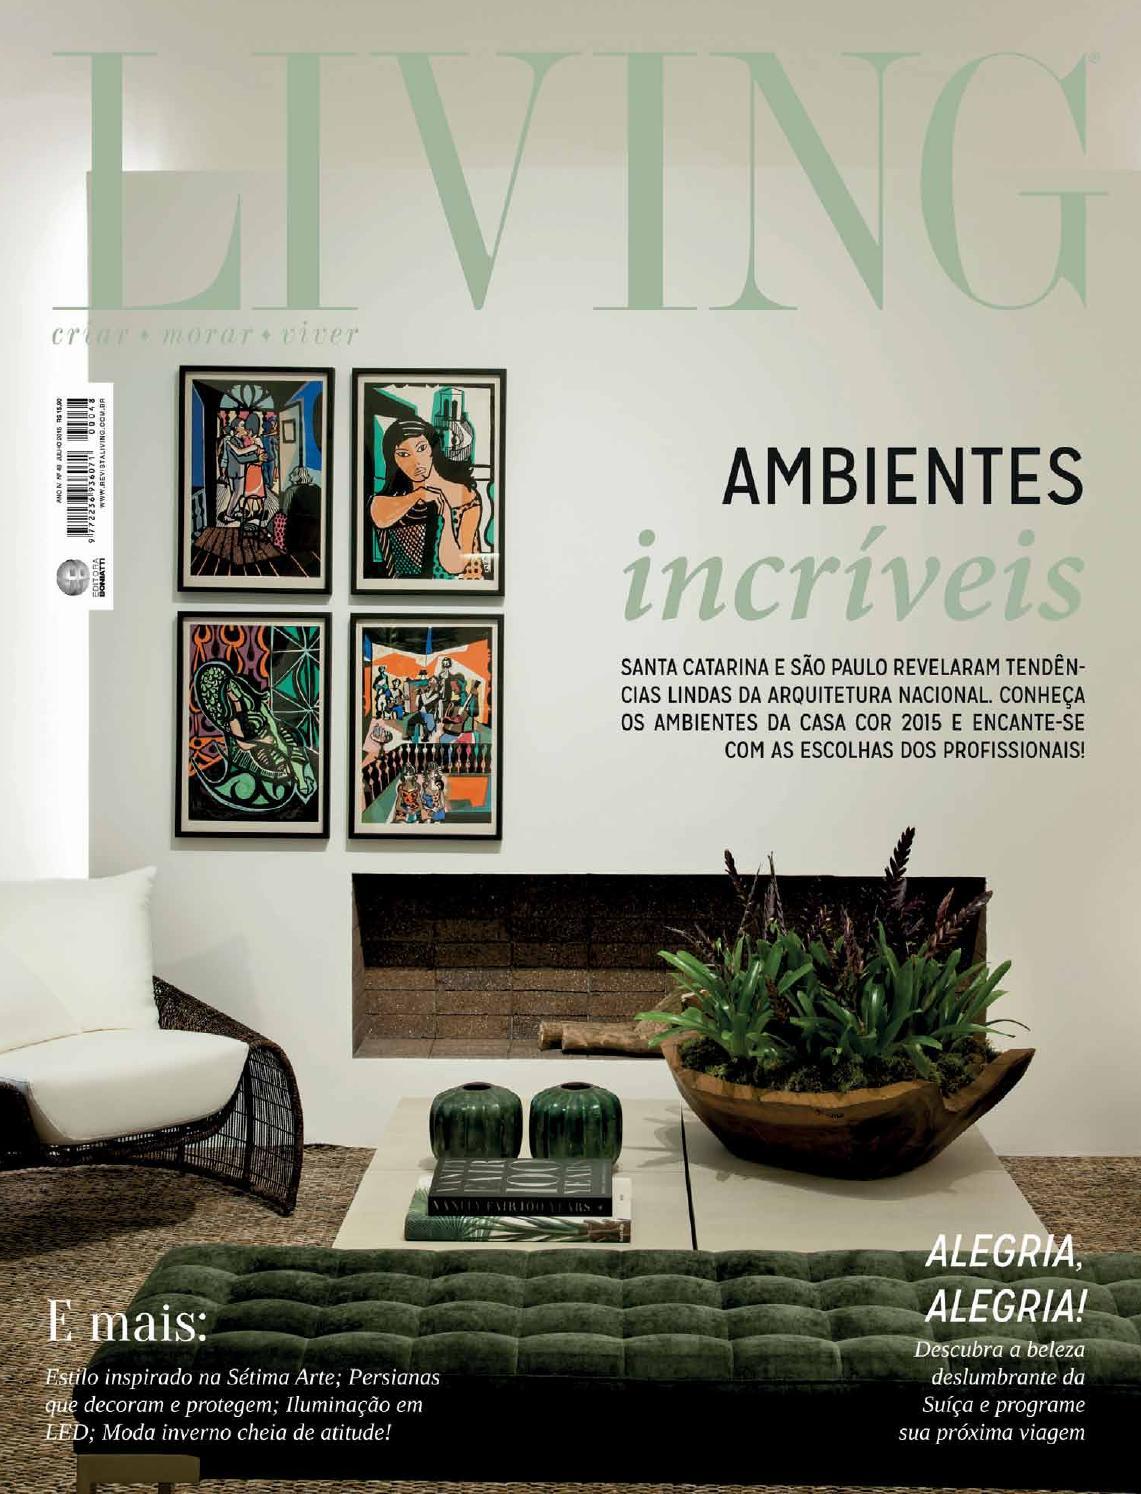 Revista Living - Edição nº48 - Julho de 2015 by Revista Living - issuu b105ce9fcb